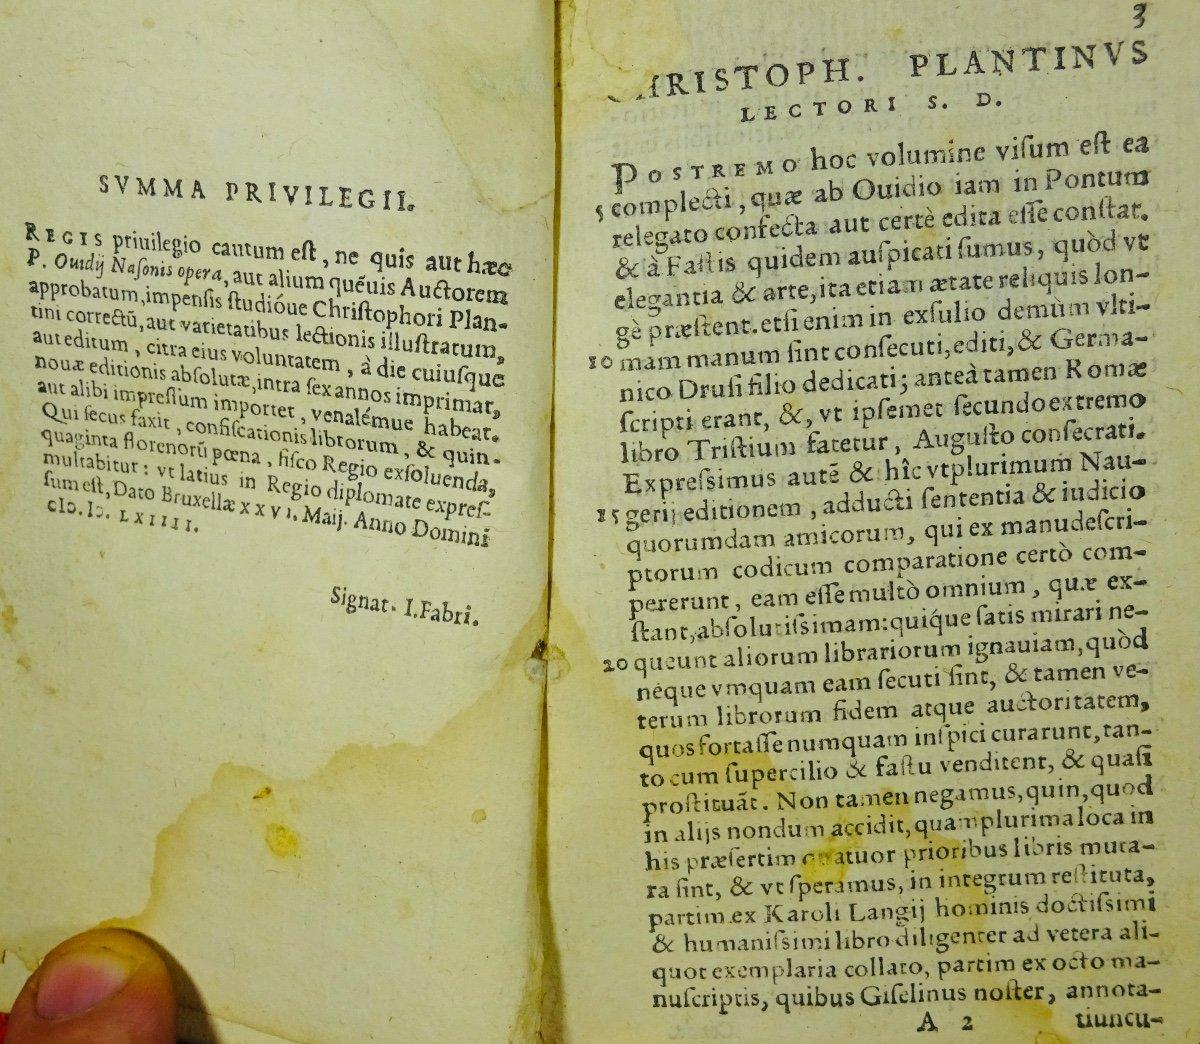 Ovide - Oeuvres En Latin Imprimées à Anvers Par Plantin En 1667.-photo-2